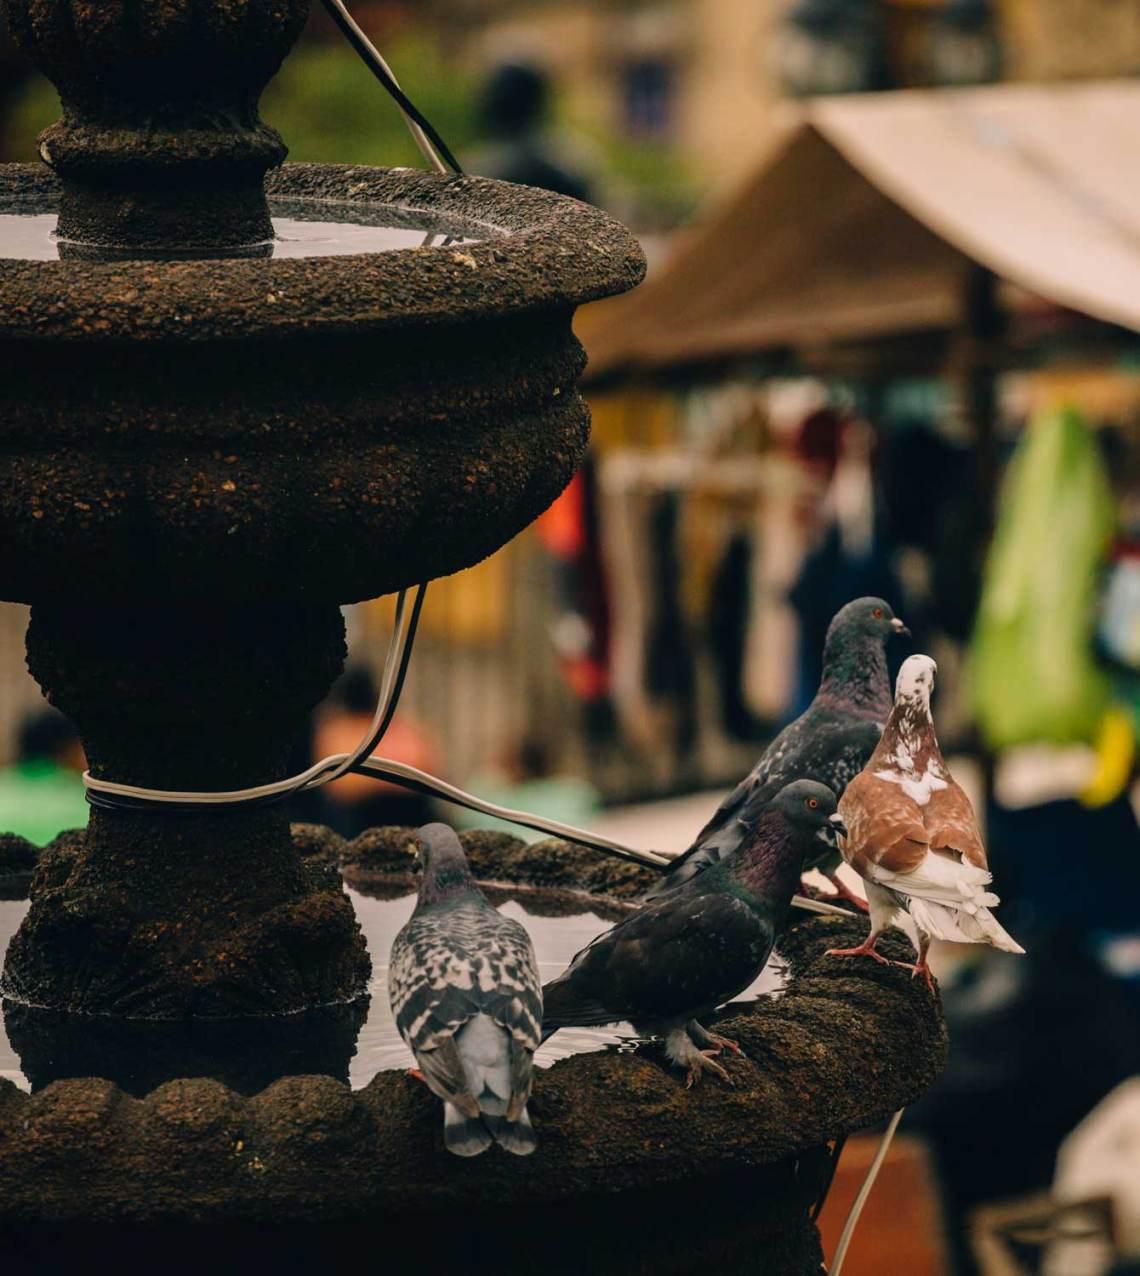 colombia_coffee_break_concordia_pigeons